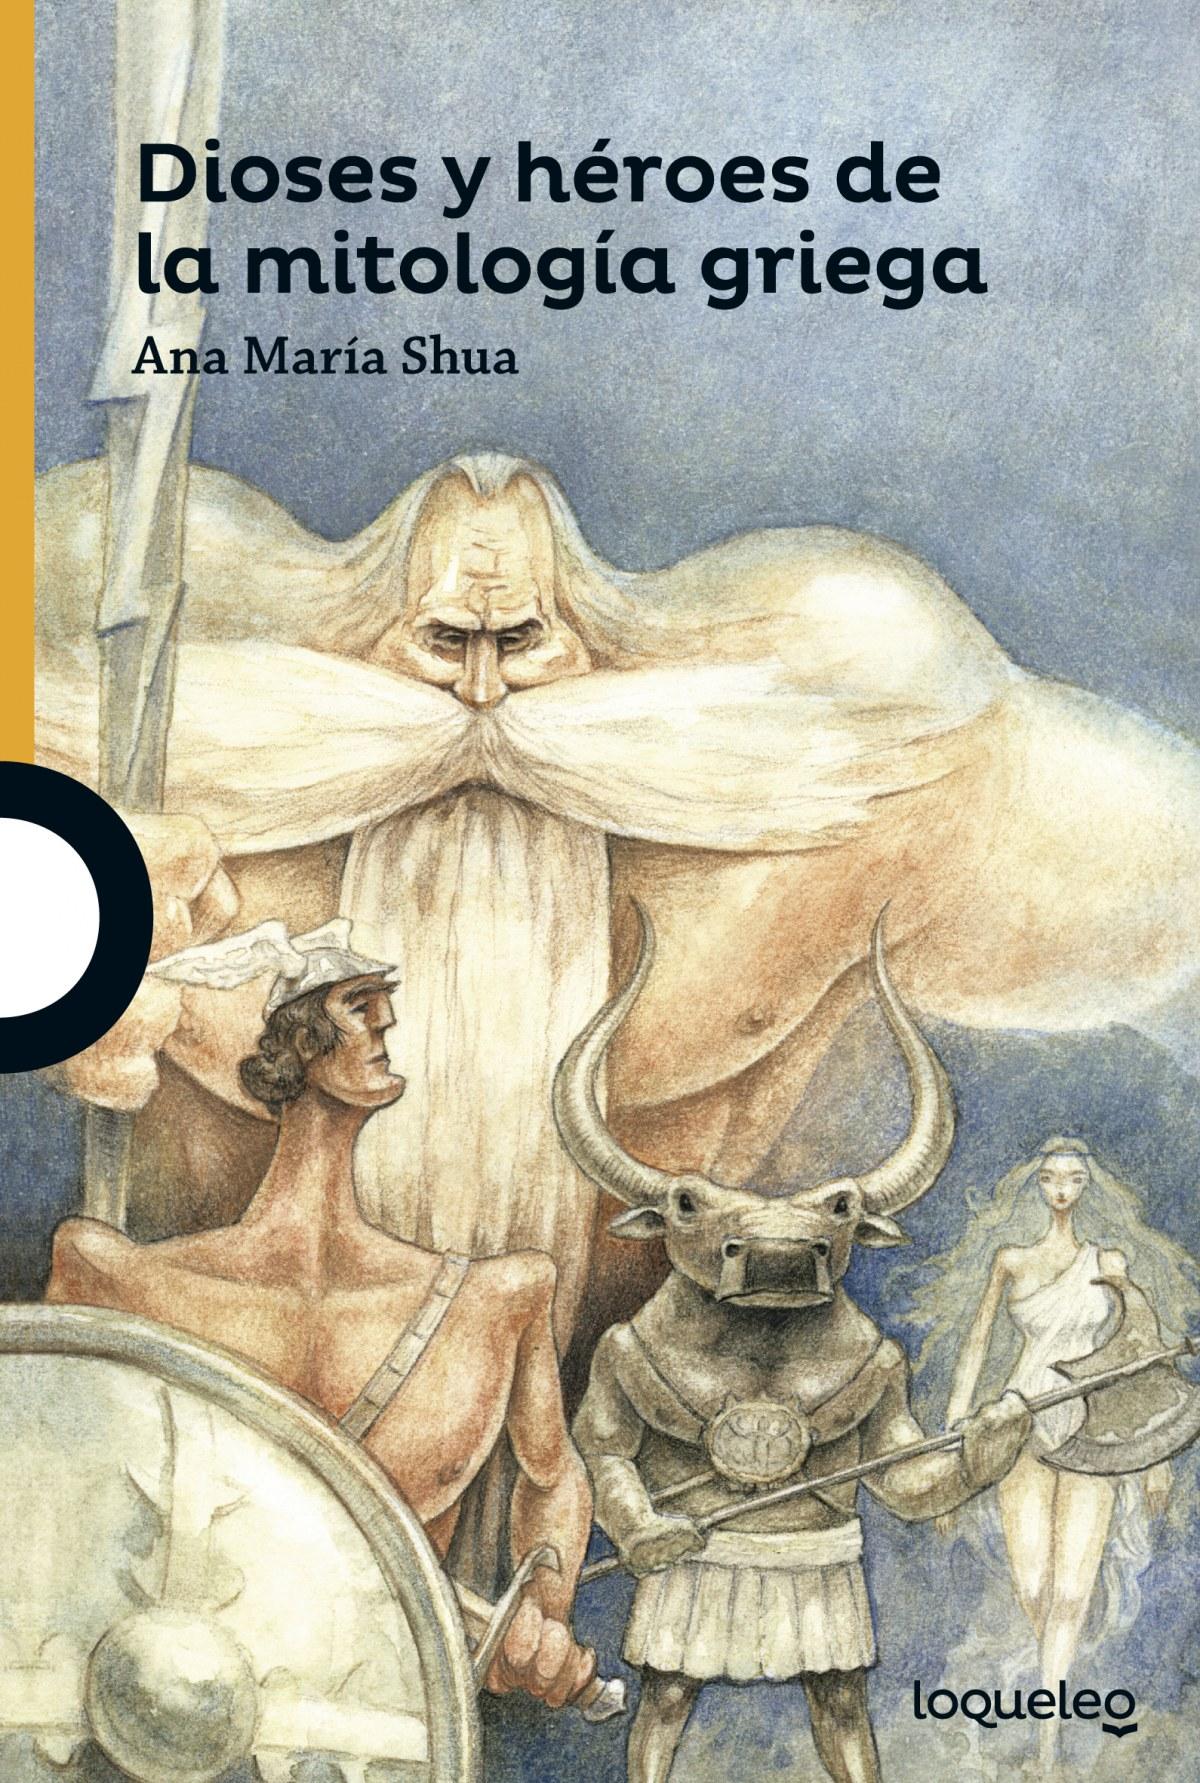 Dioses y héroes de la mitología clásica